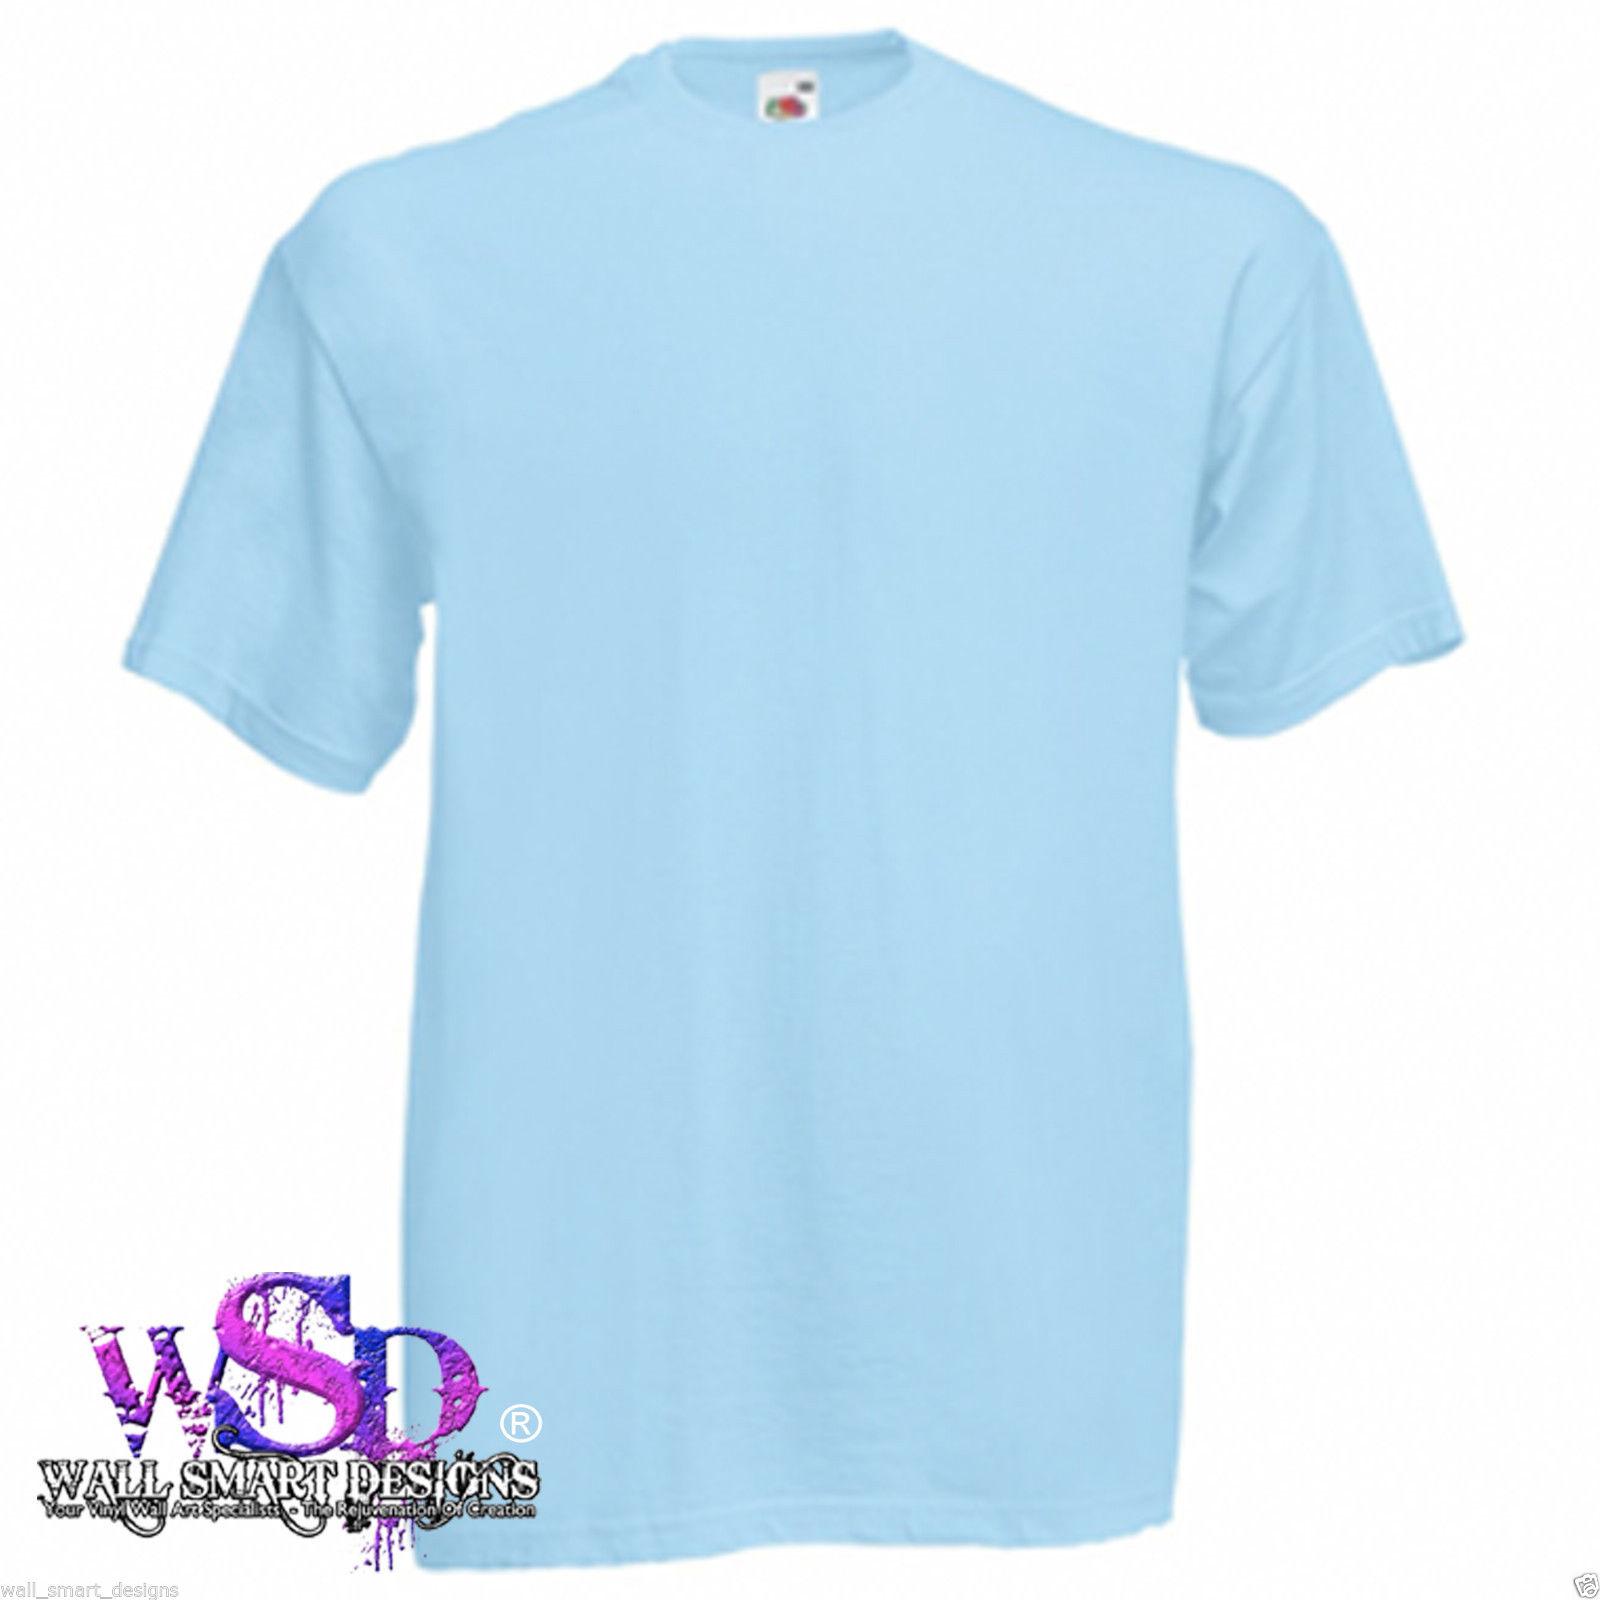 plain light blue t shirt images. Black Bedroom Furniture Sets. Home Design Ideas